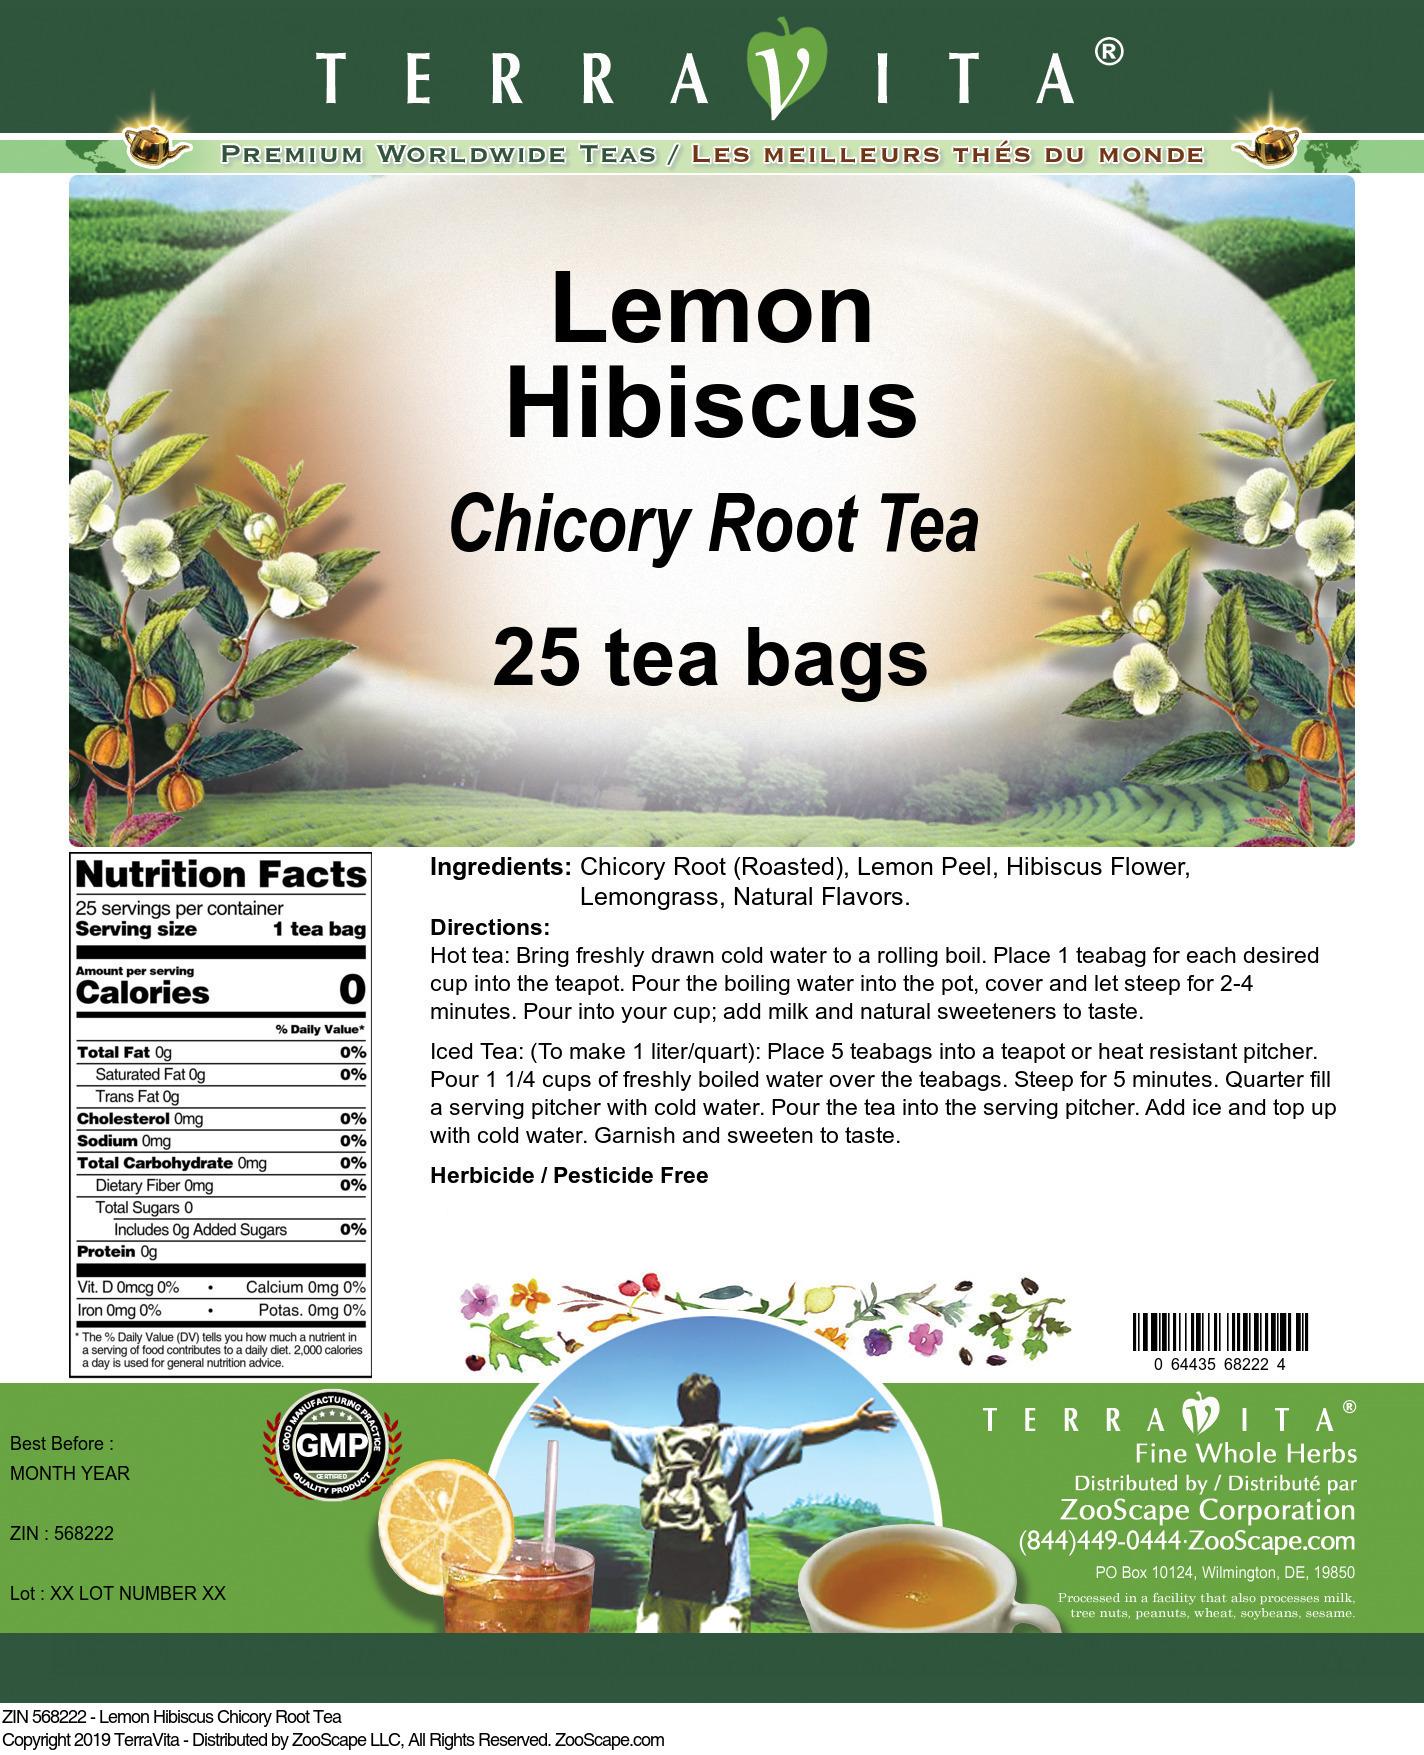 Lemon Hibiscus Chicory Root